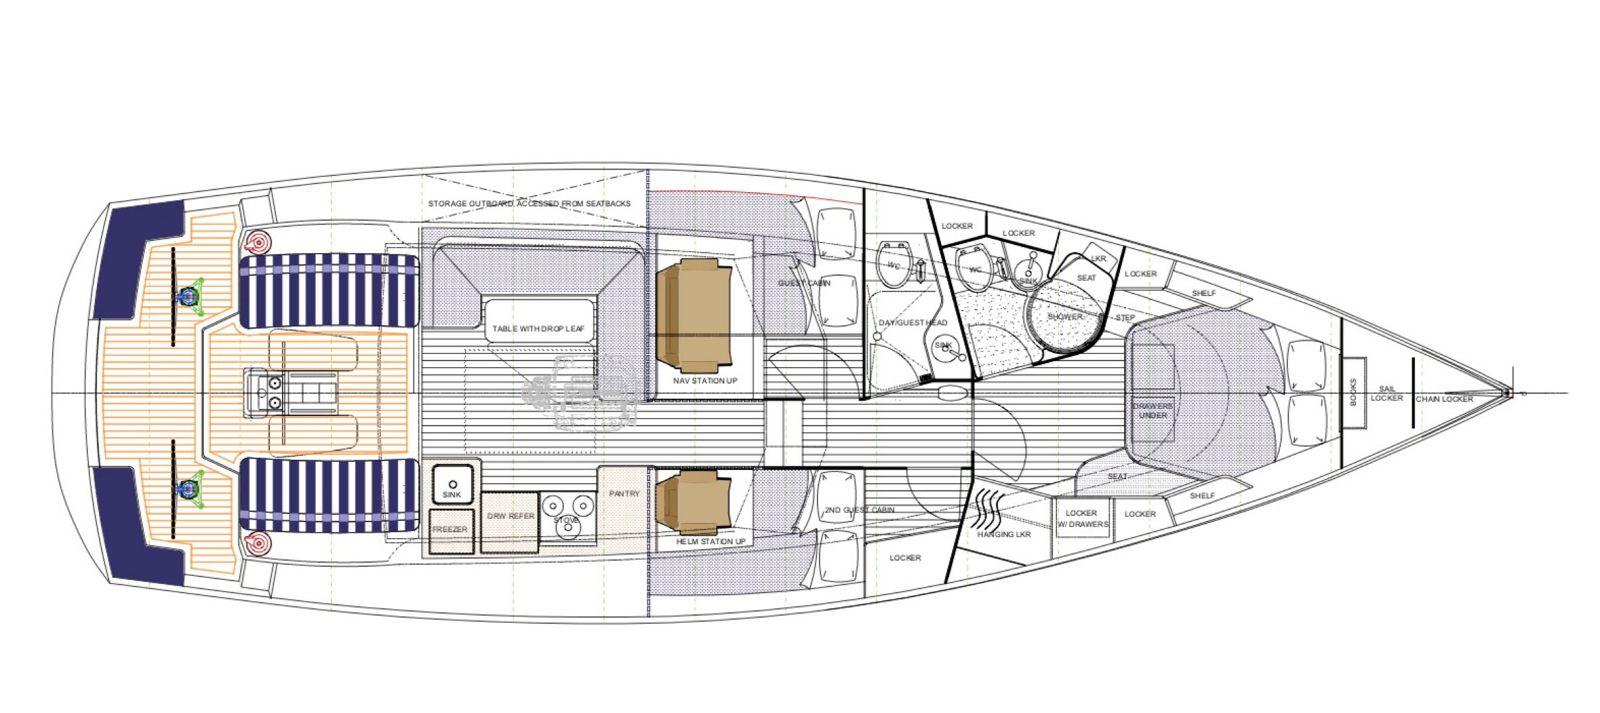 tartan 455 two cabin layout